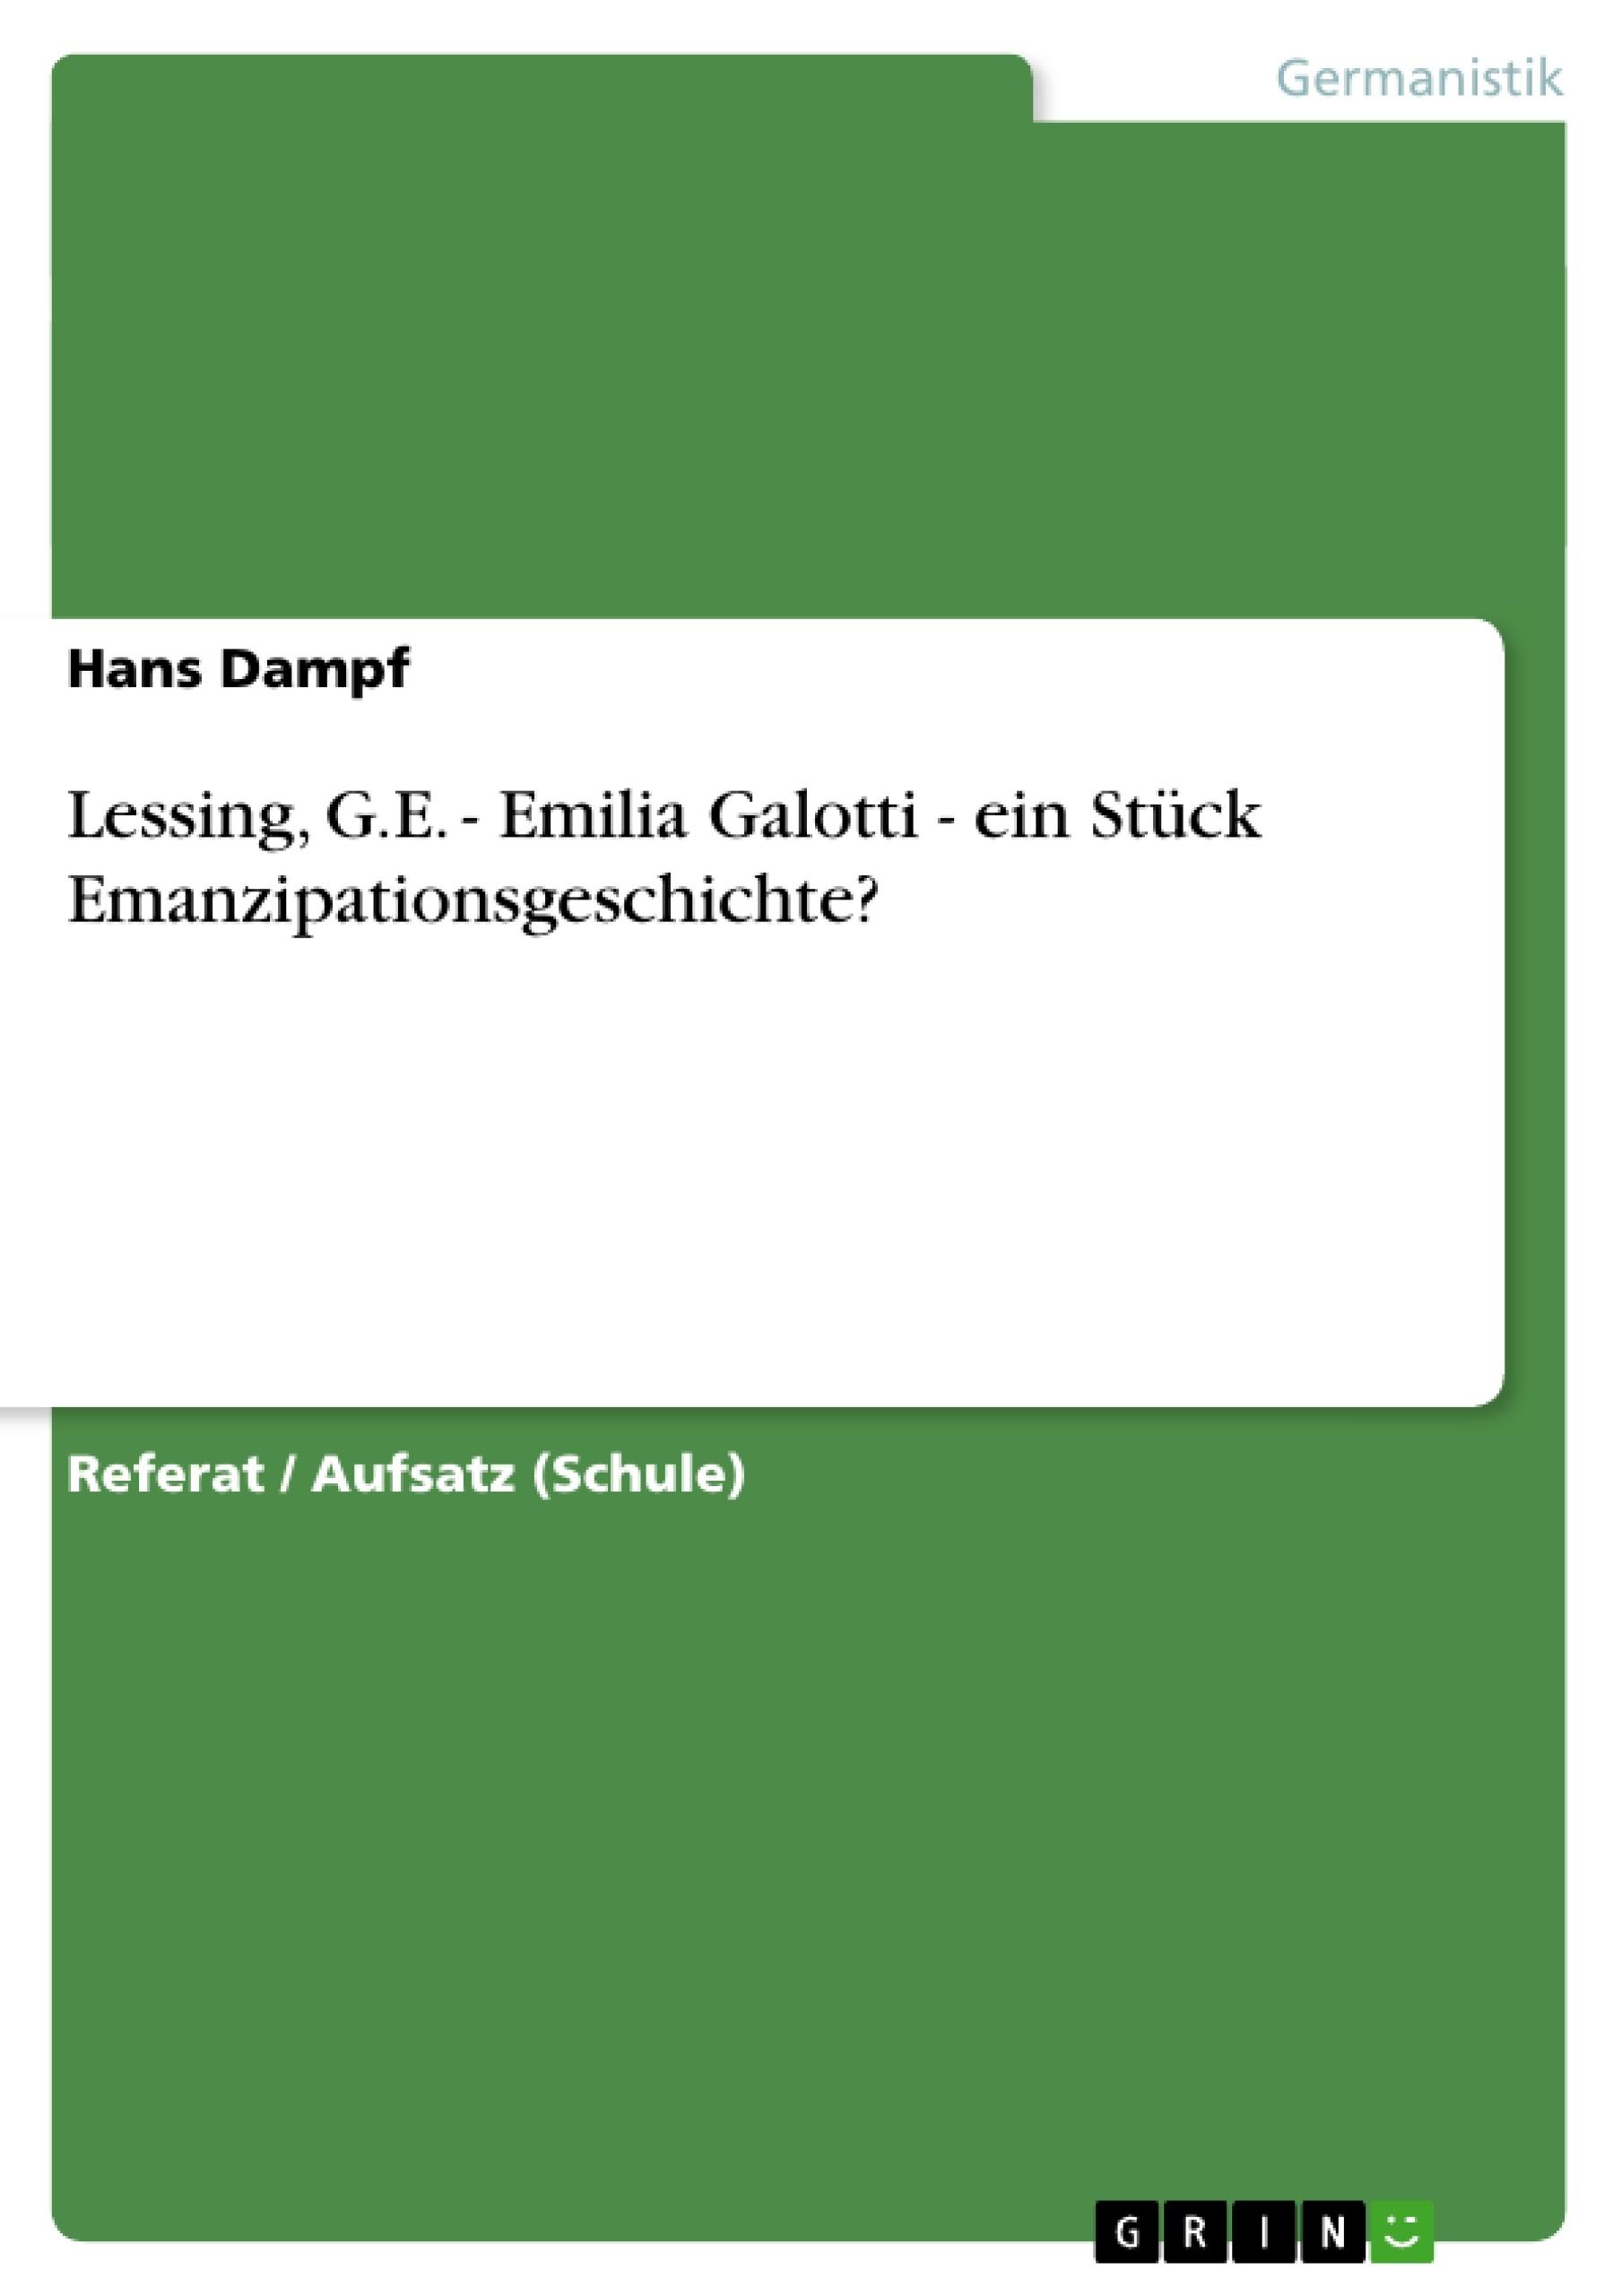 Titel: Lessing, G.E. - Emilia Galotti - ein Stück Emanzipationsgeschichte?